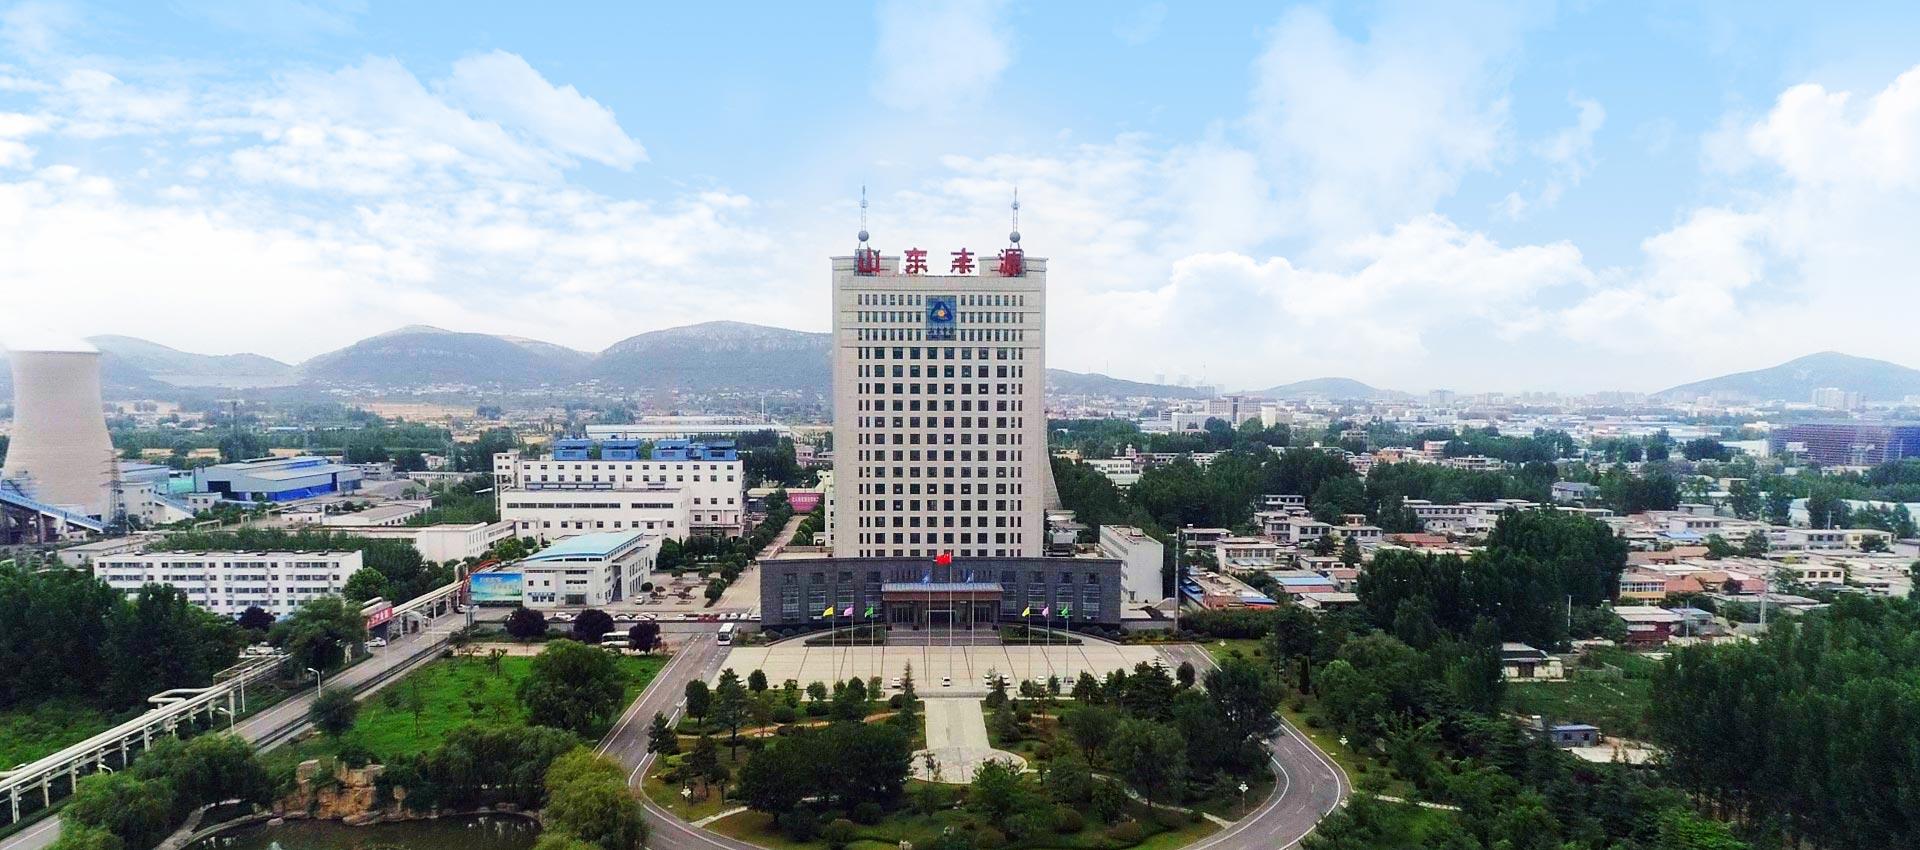 山東豐源集團股份有限公司